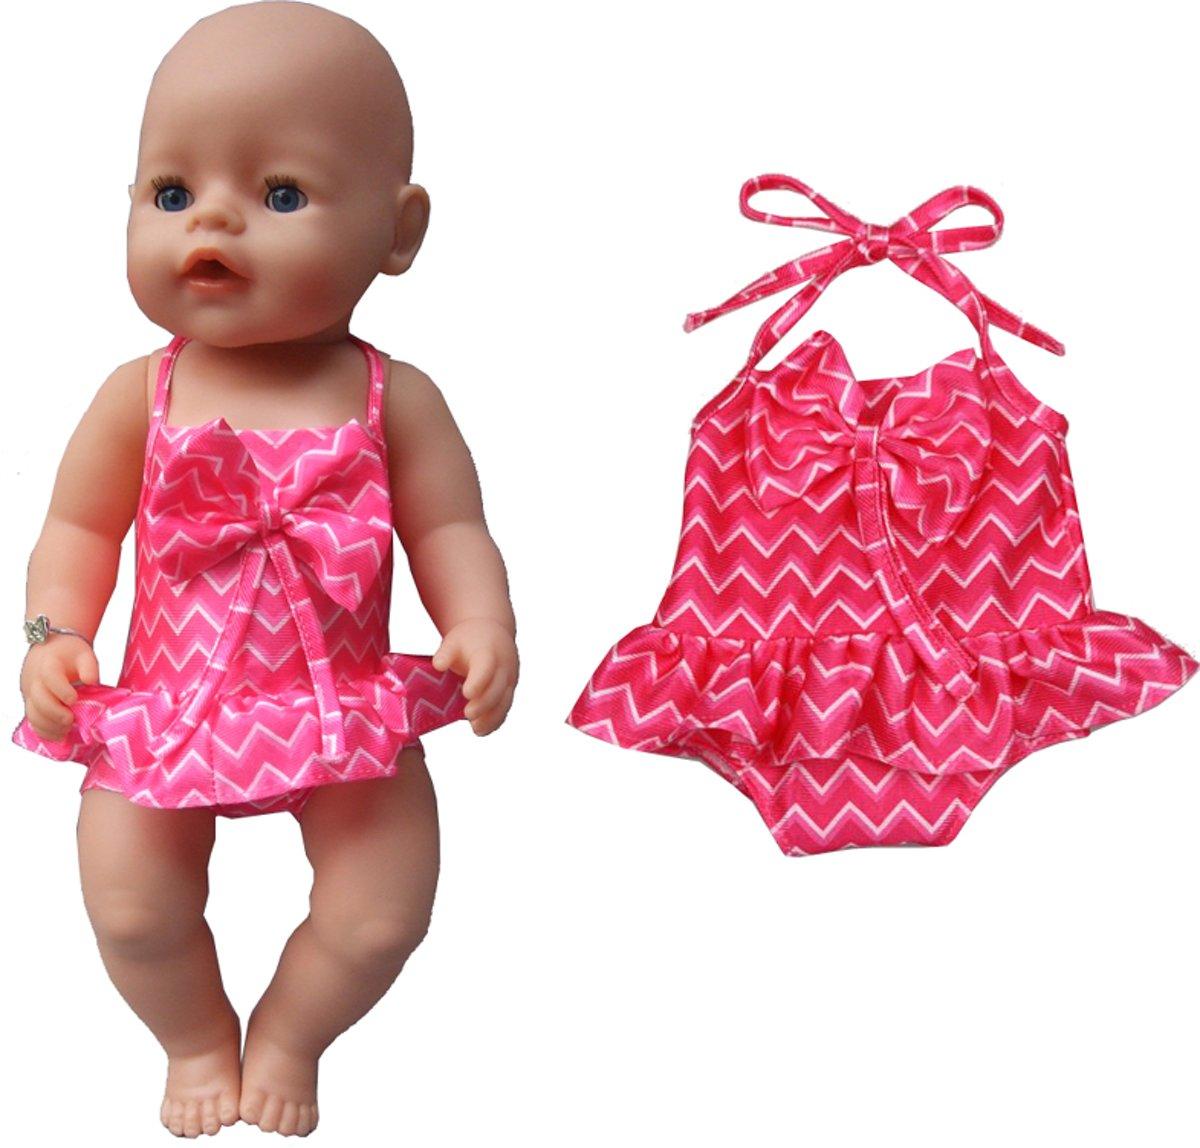 Roze badpak met strik voor poppen van 40-45 cm